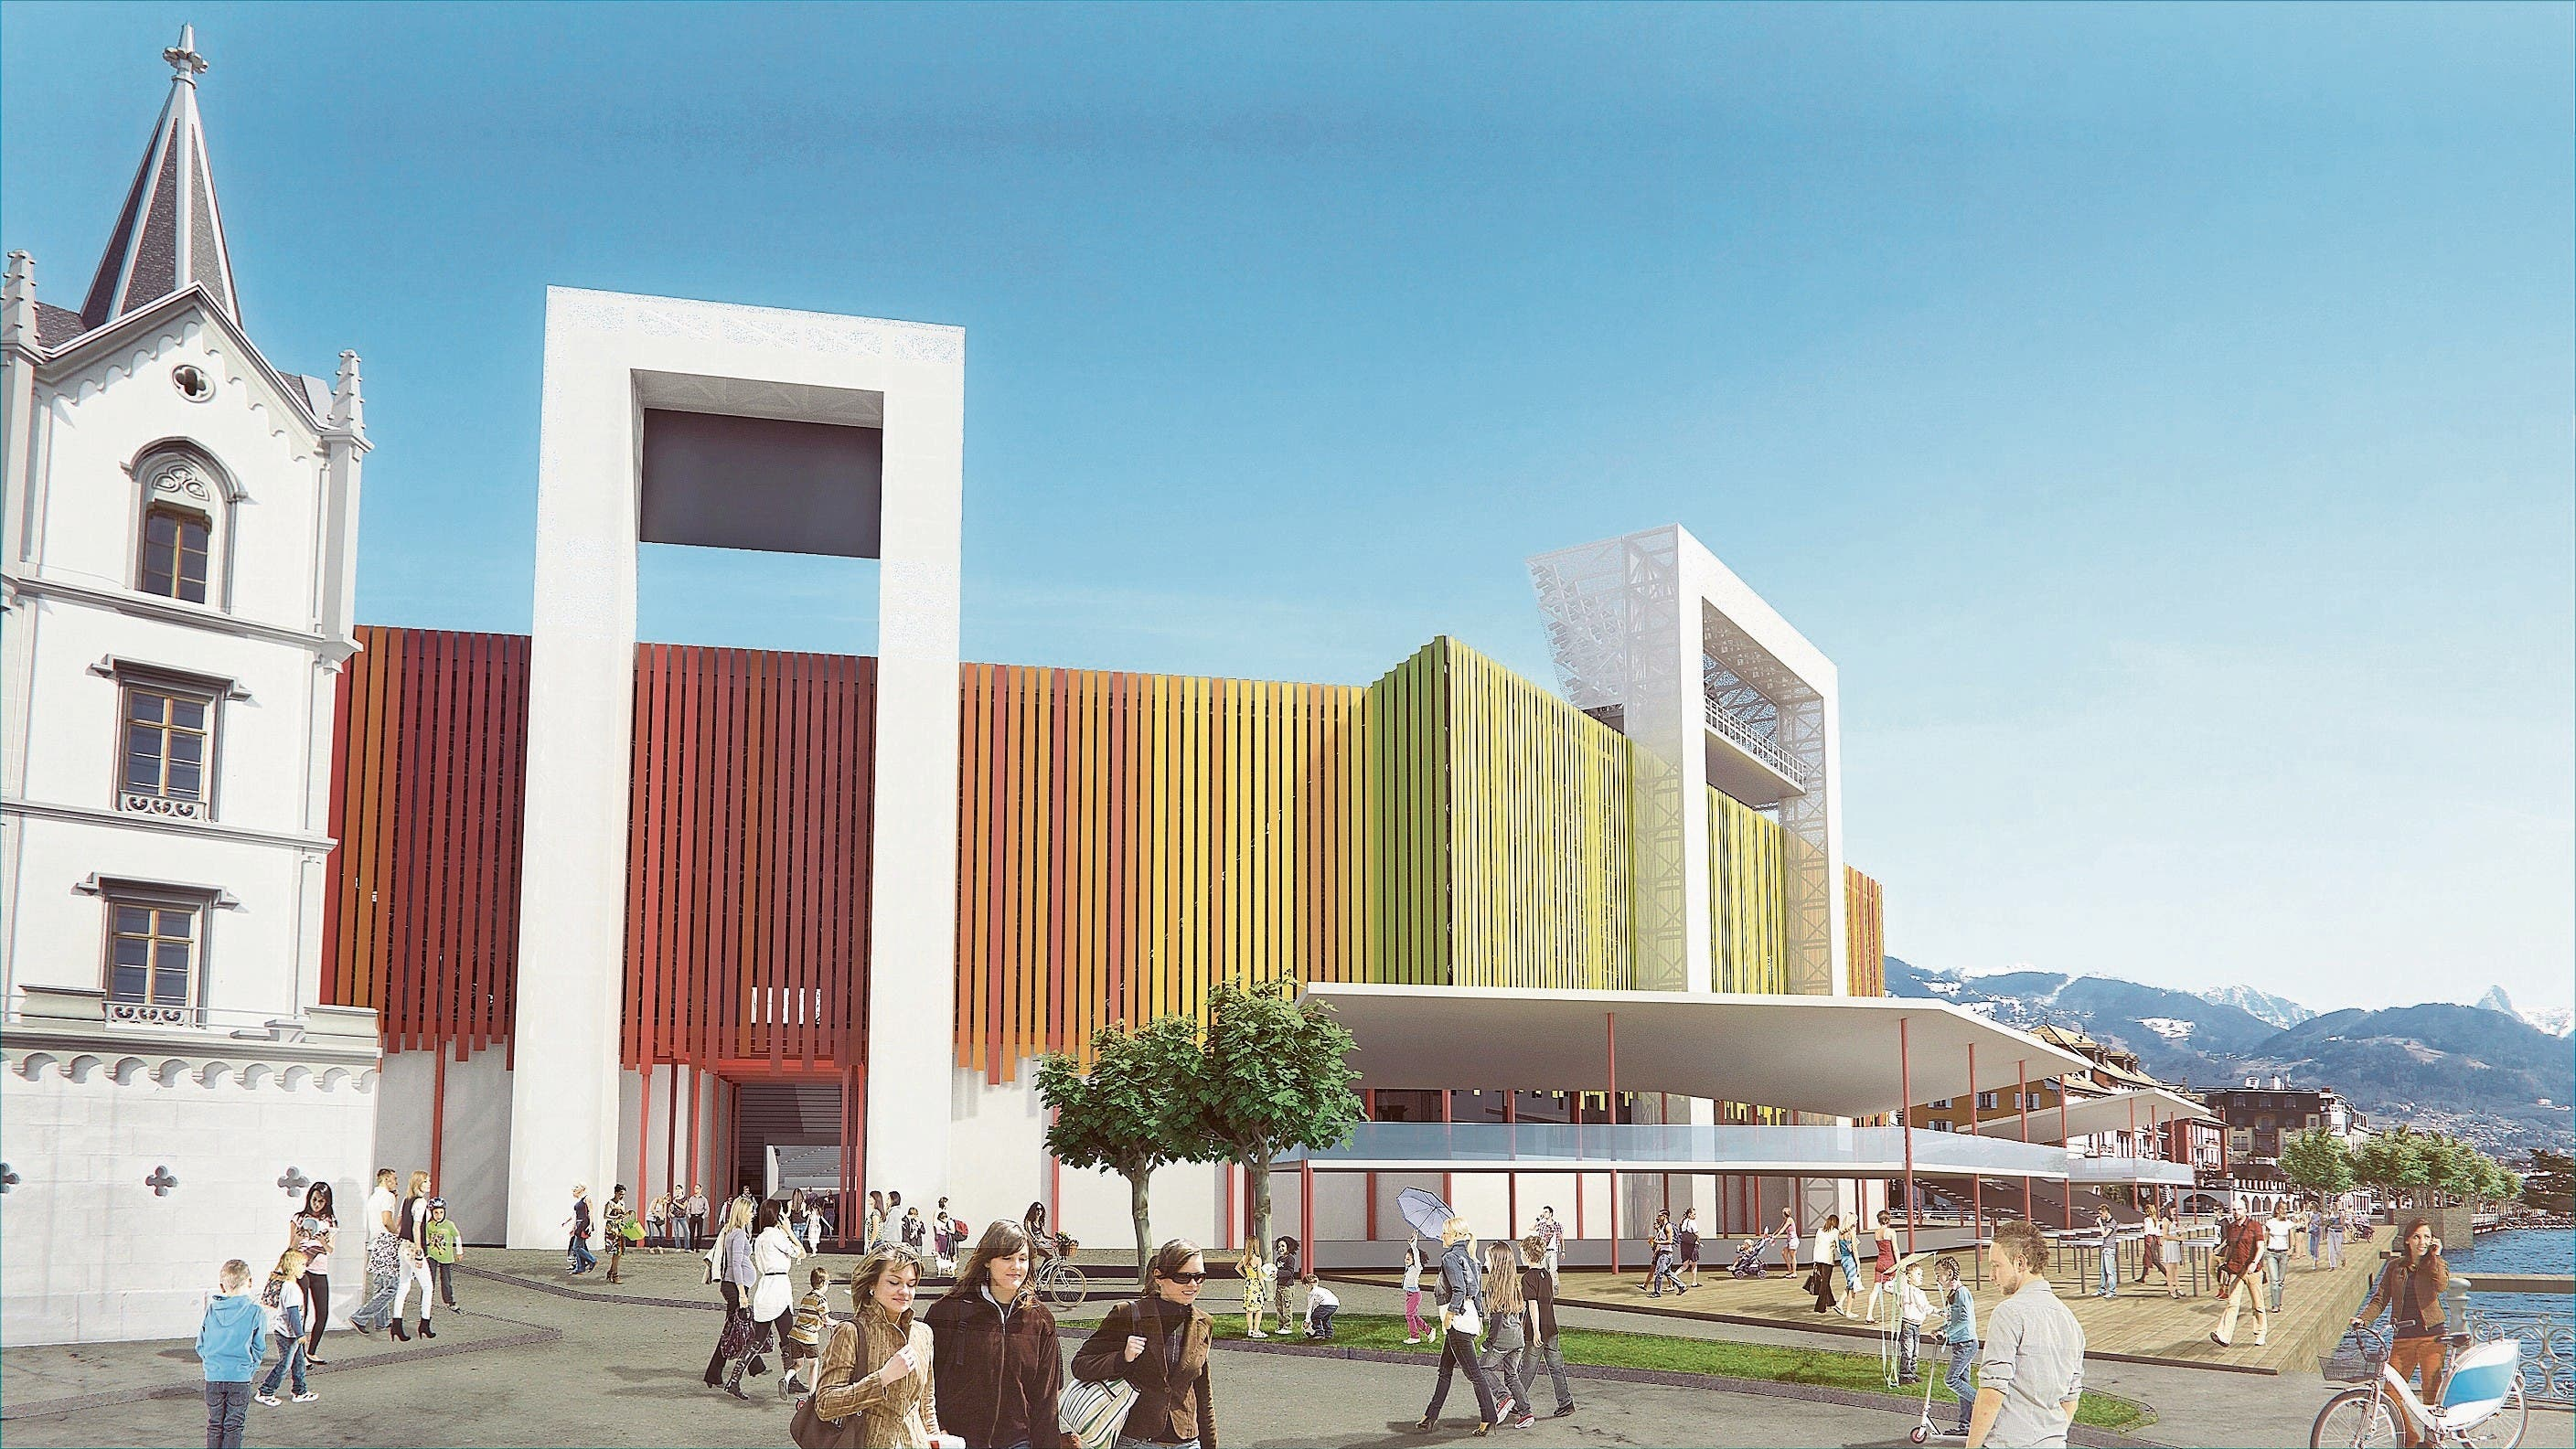 So soll die fertiggestellte Arena in Vevey aussehen. (Visualisierung: Hugo Gargiulo)